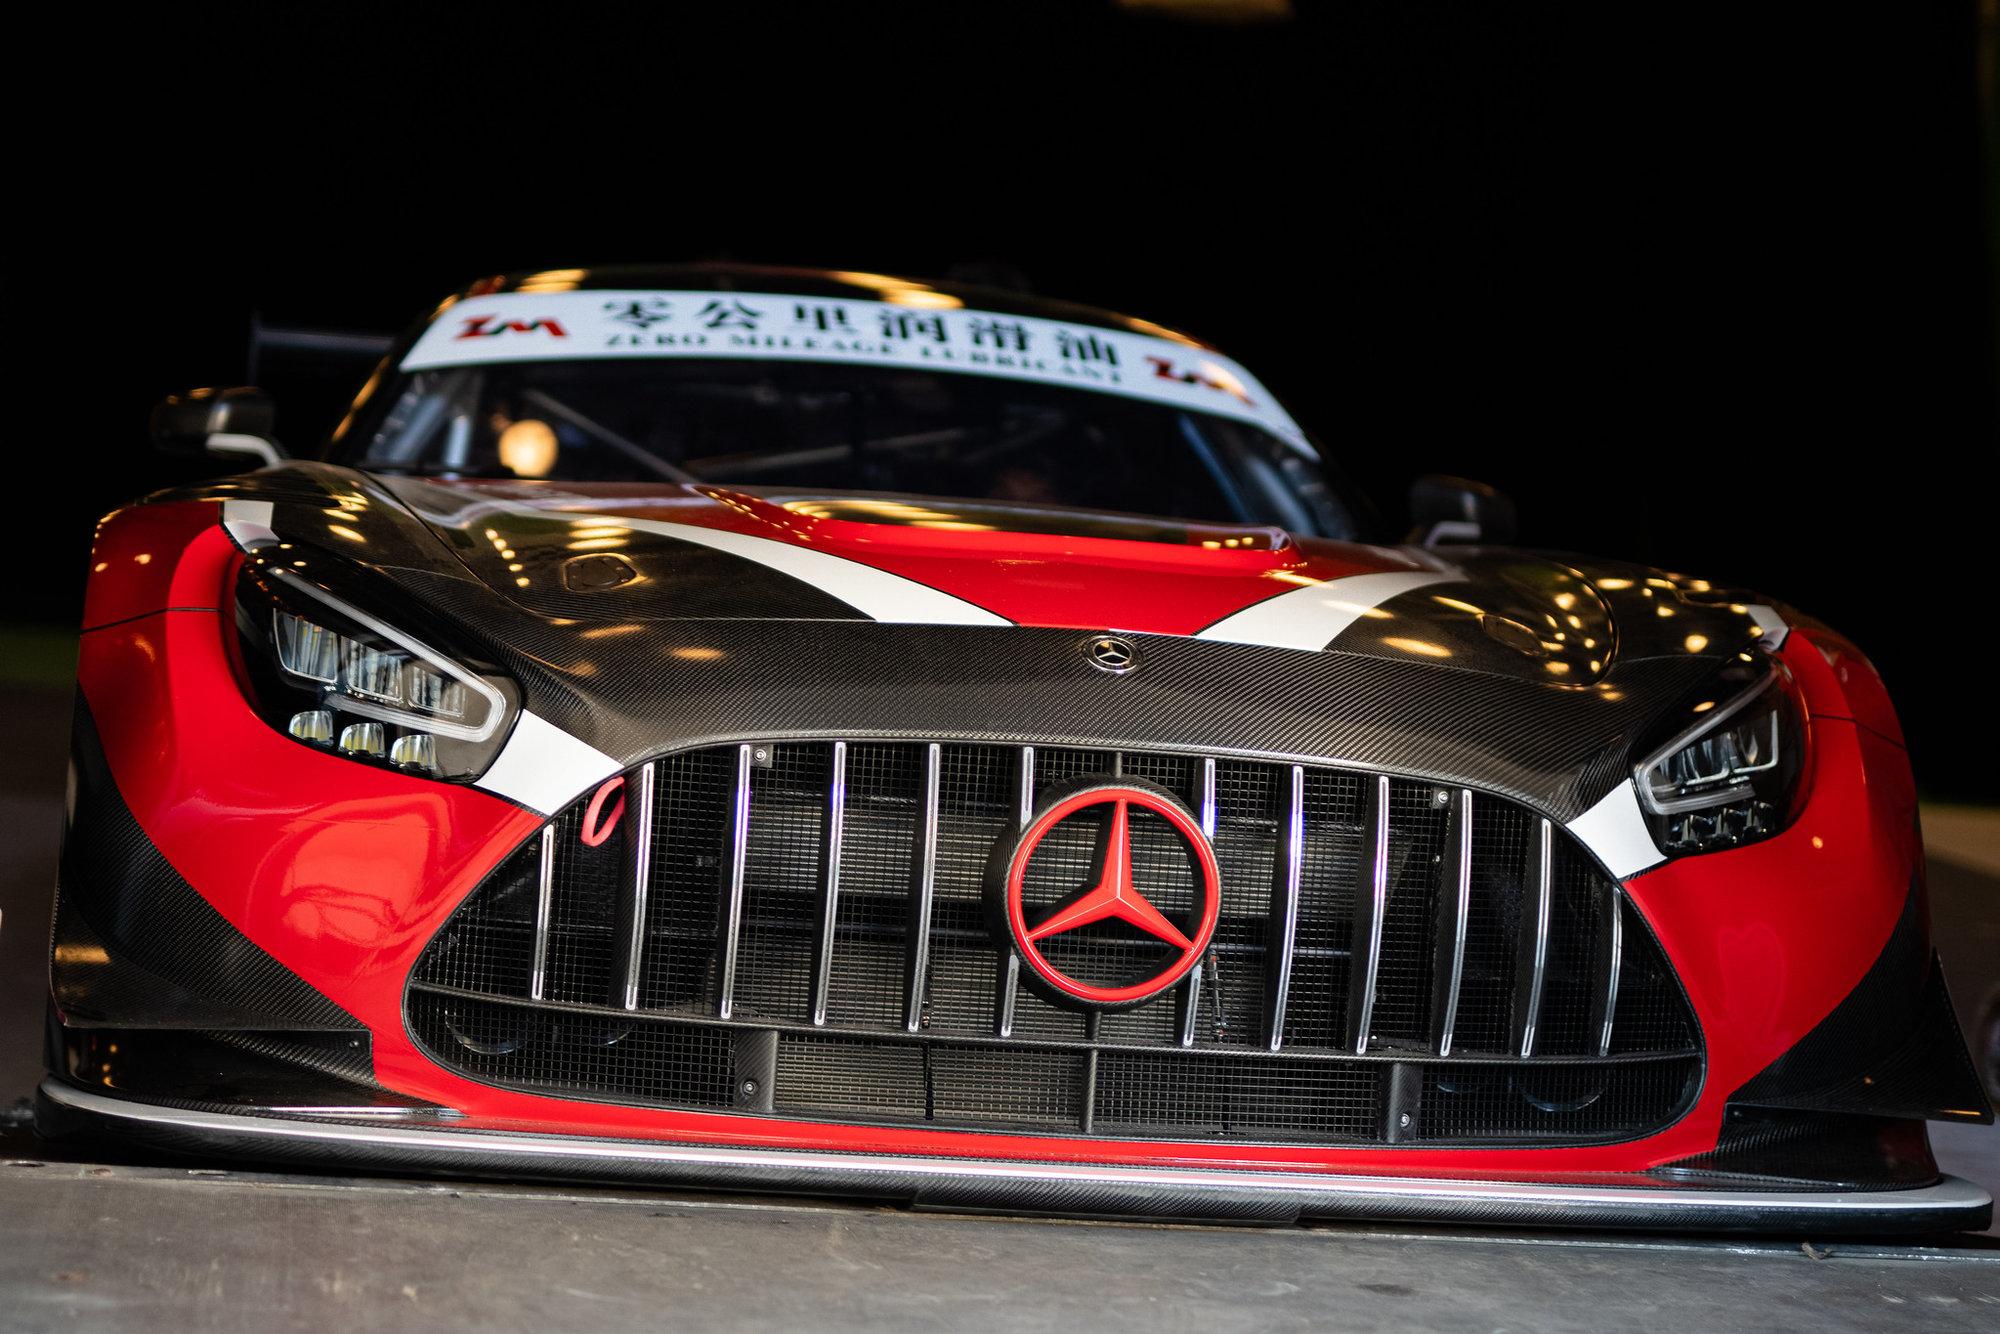 Enge Racing